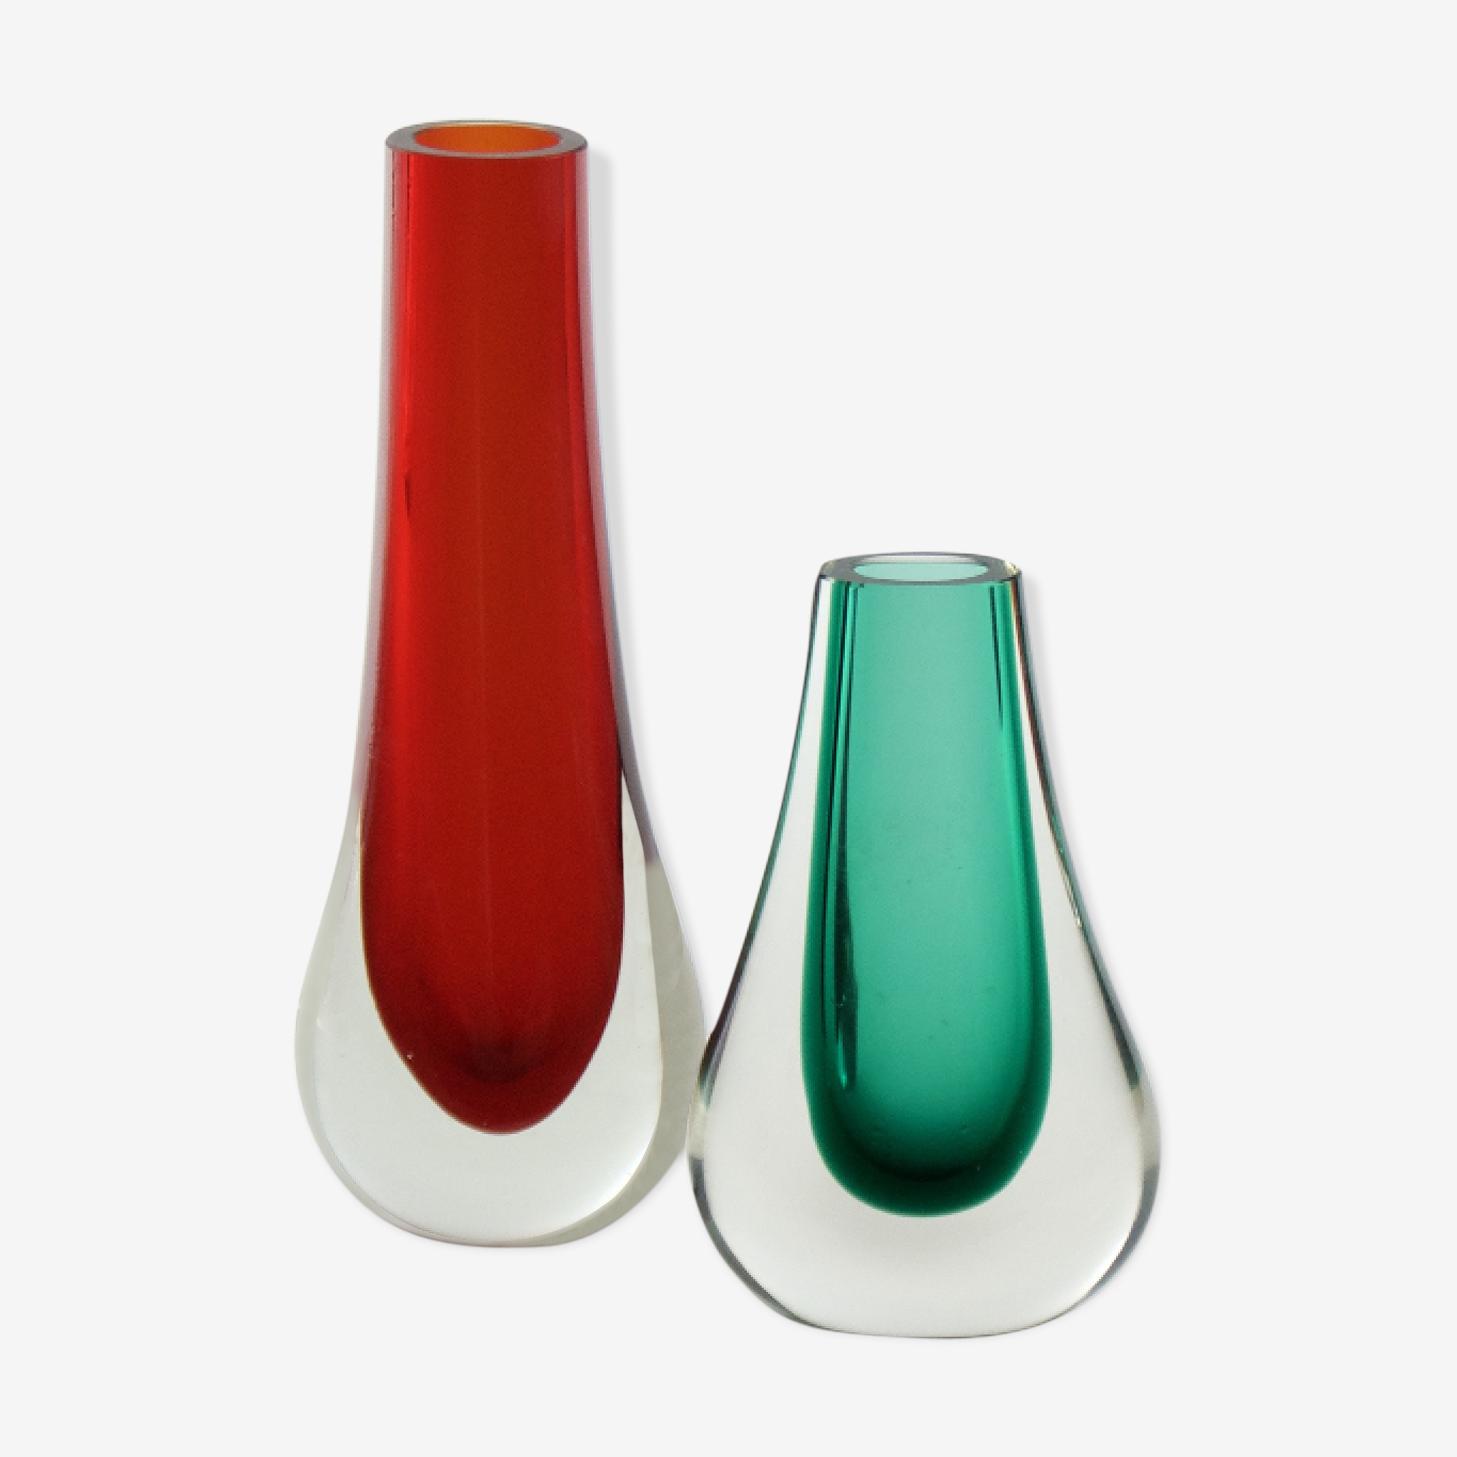 Duo de vases en verre Sommerso années 60